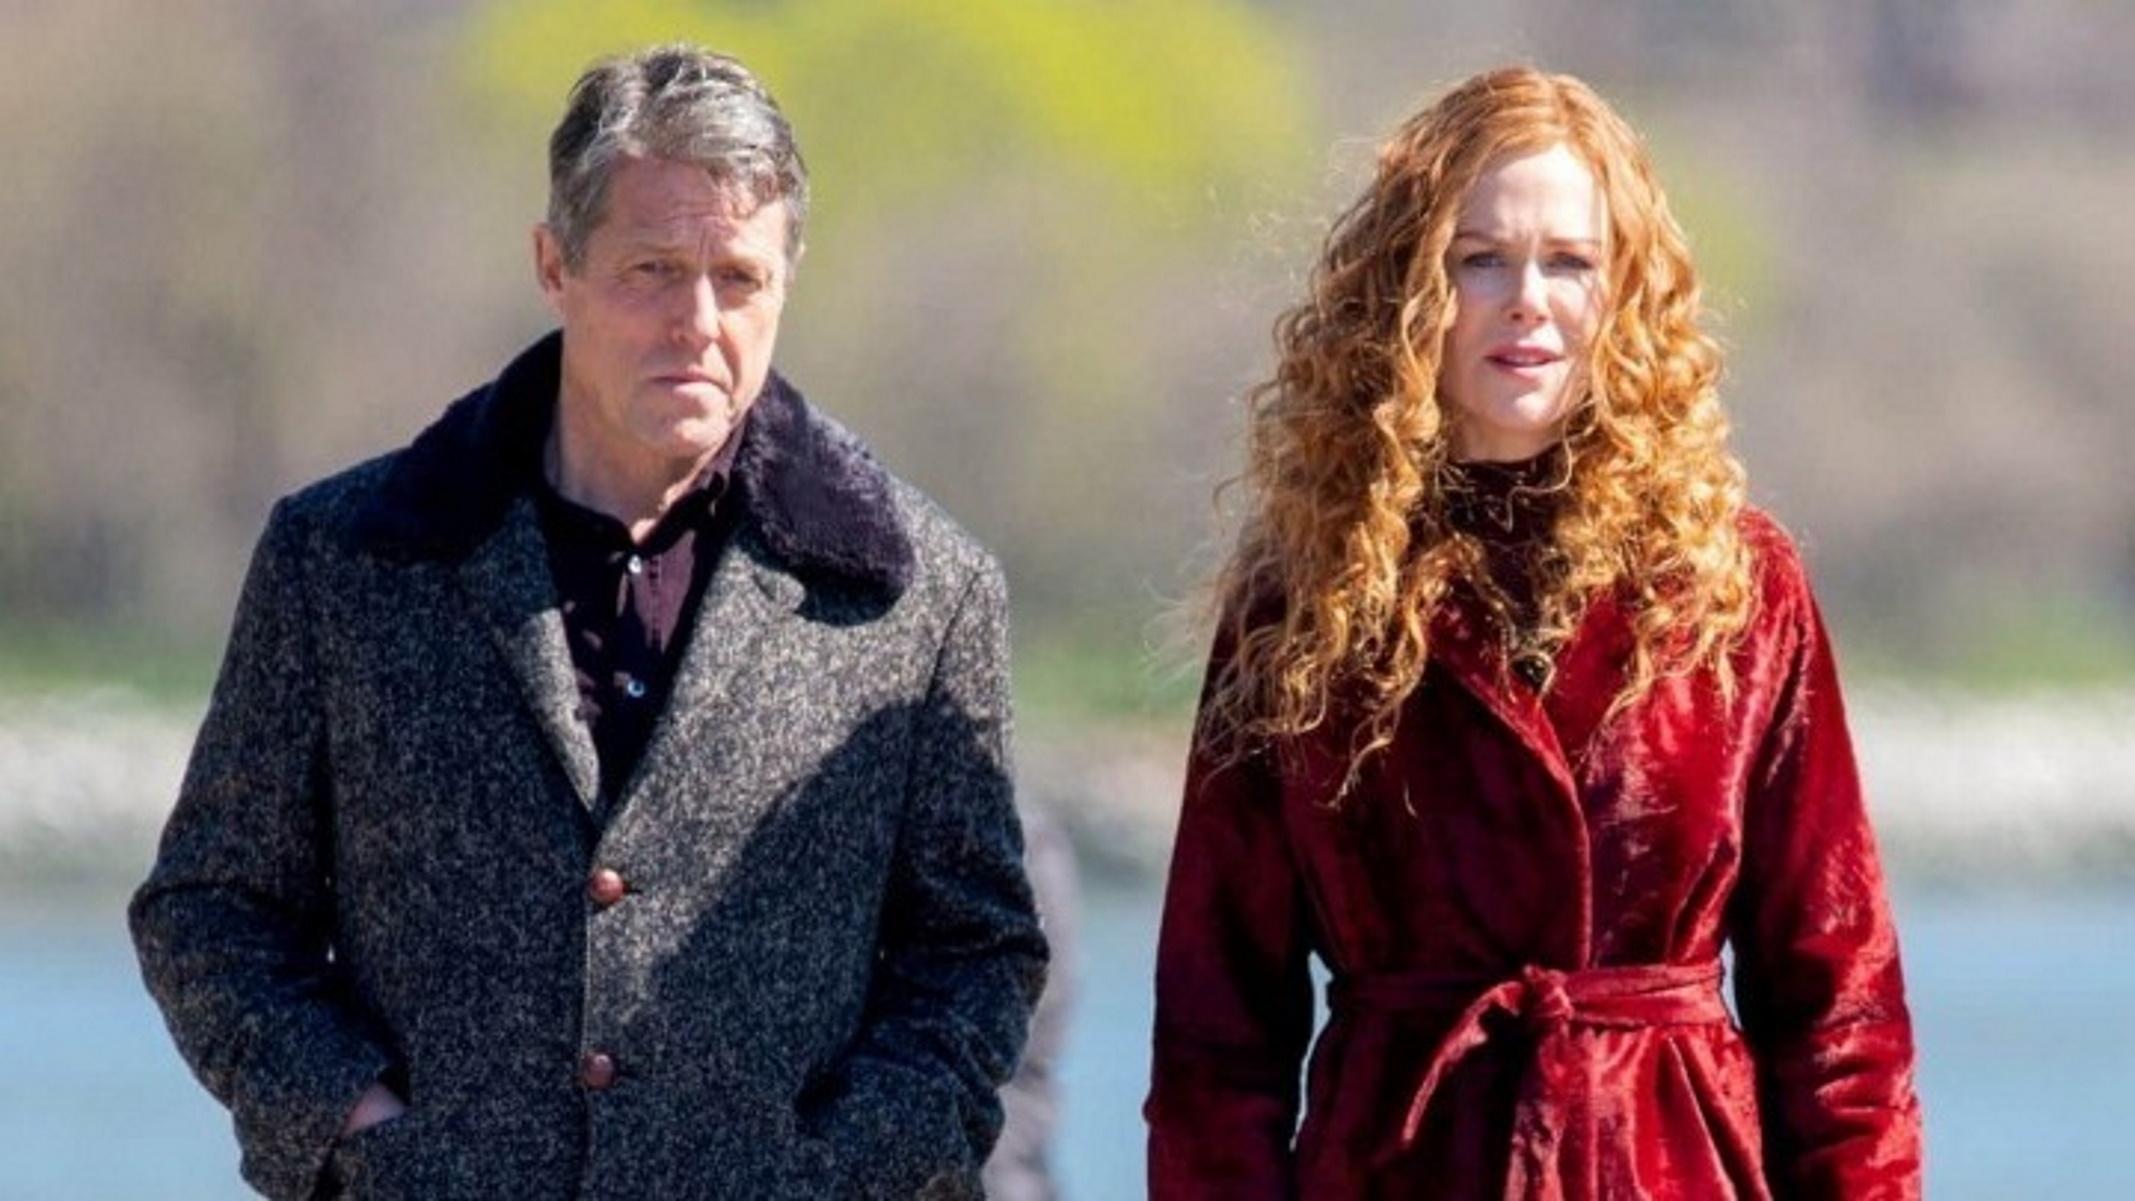 «The Undoing»: Πρώτη σε θεαματικότητα σειρά του HBO – Καθήλωσε 12,3 εκατ. θεατές